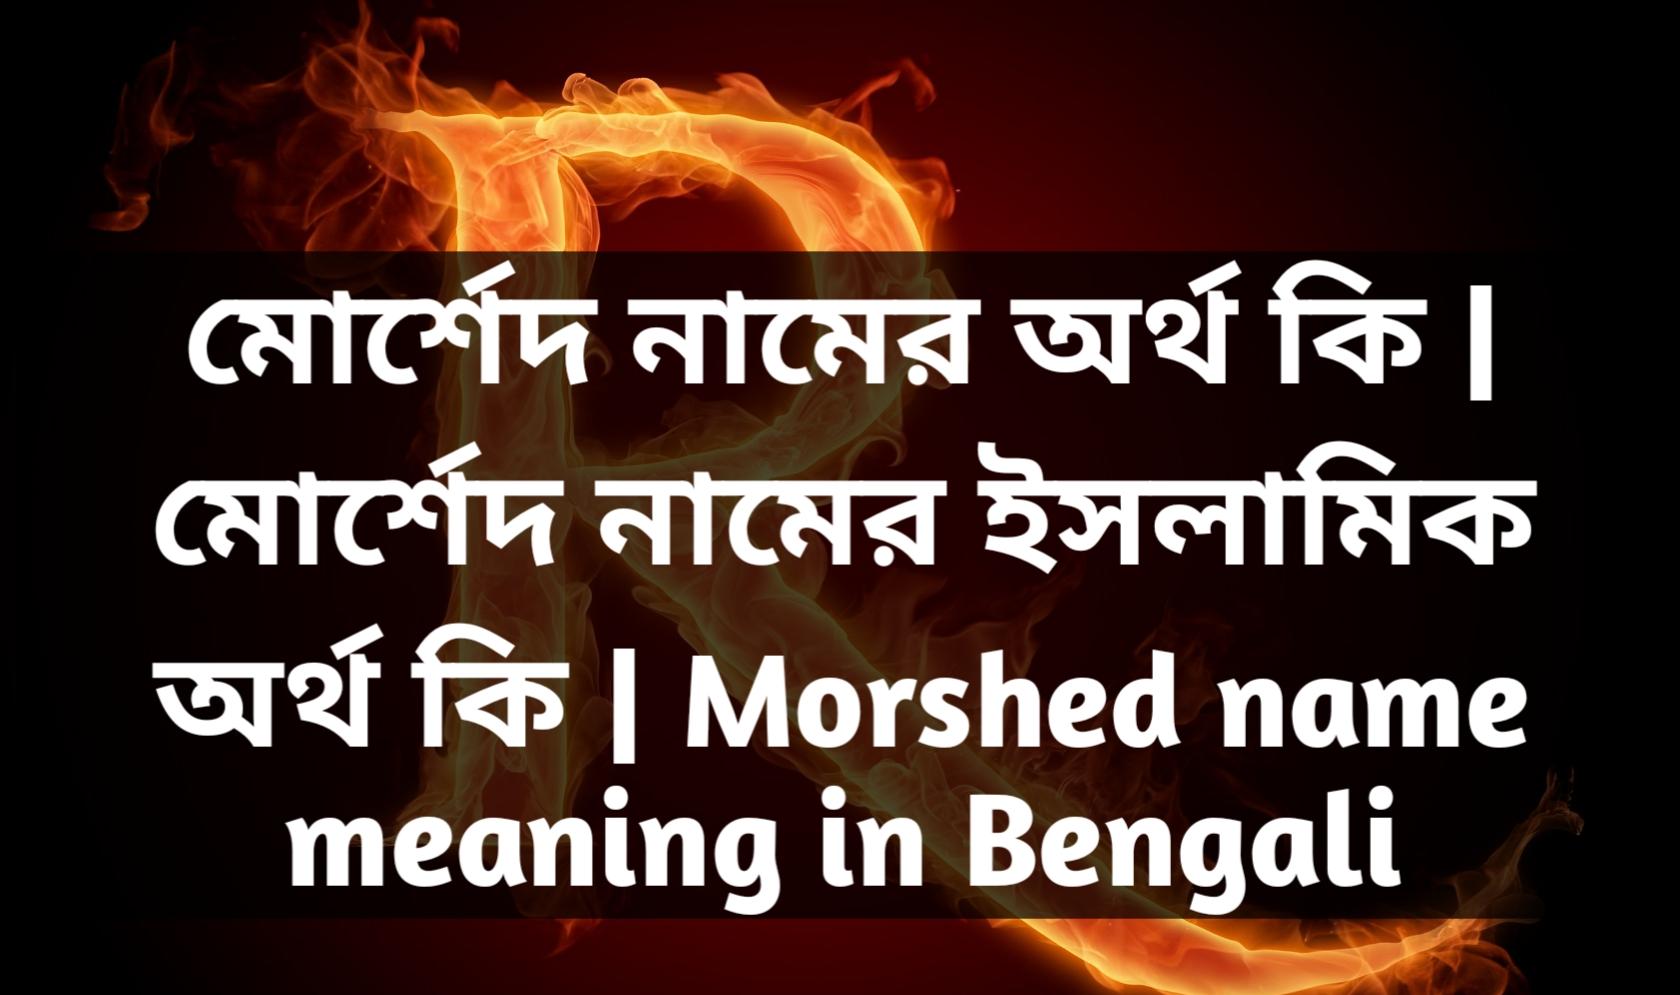 Morshed name meaning in Bengali, মোর্শেদ নামের অর্থ কি, মোর্শেদ নামের বাংলা অর্থ কি, মোর্শেদ নামের ইসলামিক অর্থ কি,